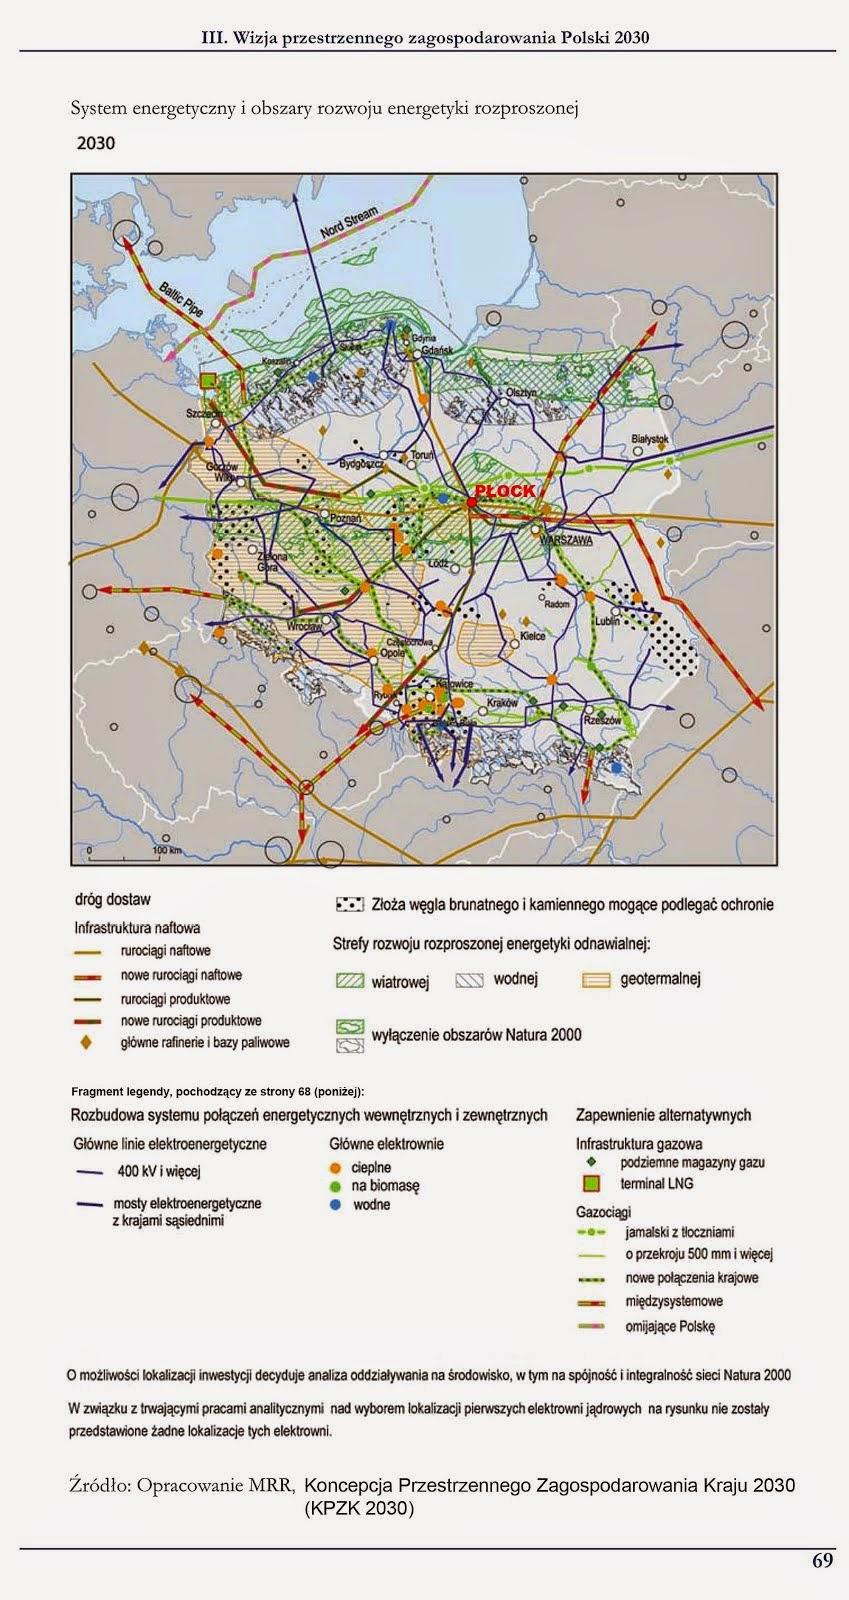 System energetyczny i obszary rozwoju energetyki rozproszonej w Polsce